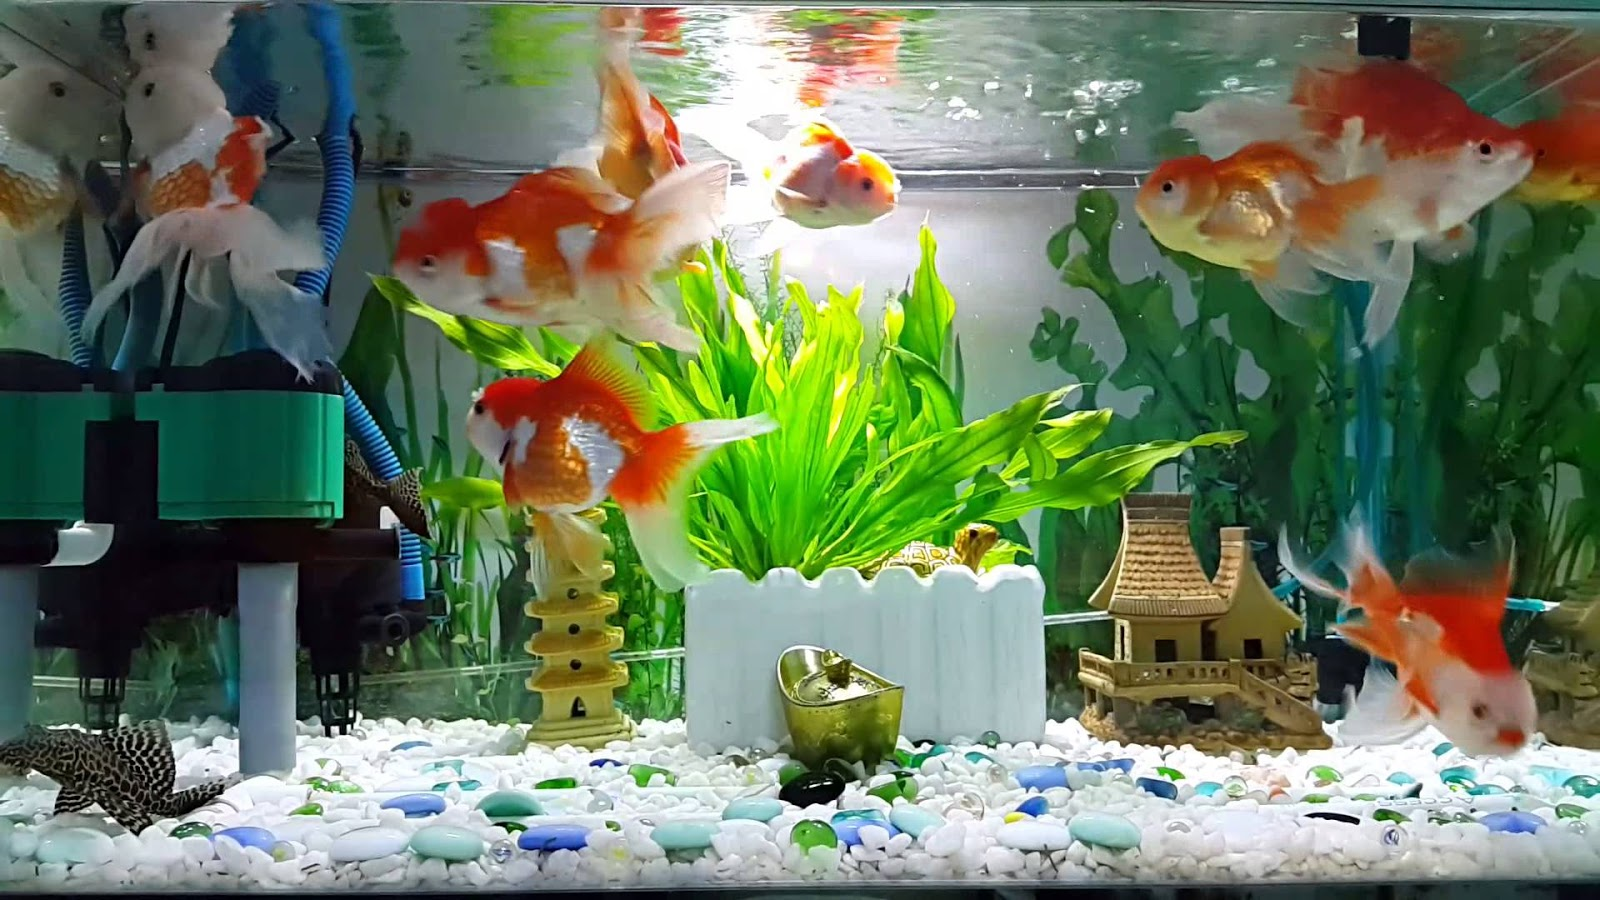 Điều chỉnh nhiệt độ, ánh sáng, oxy khi nuôi cá cảnh